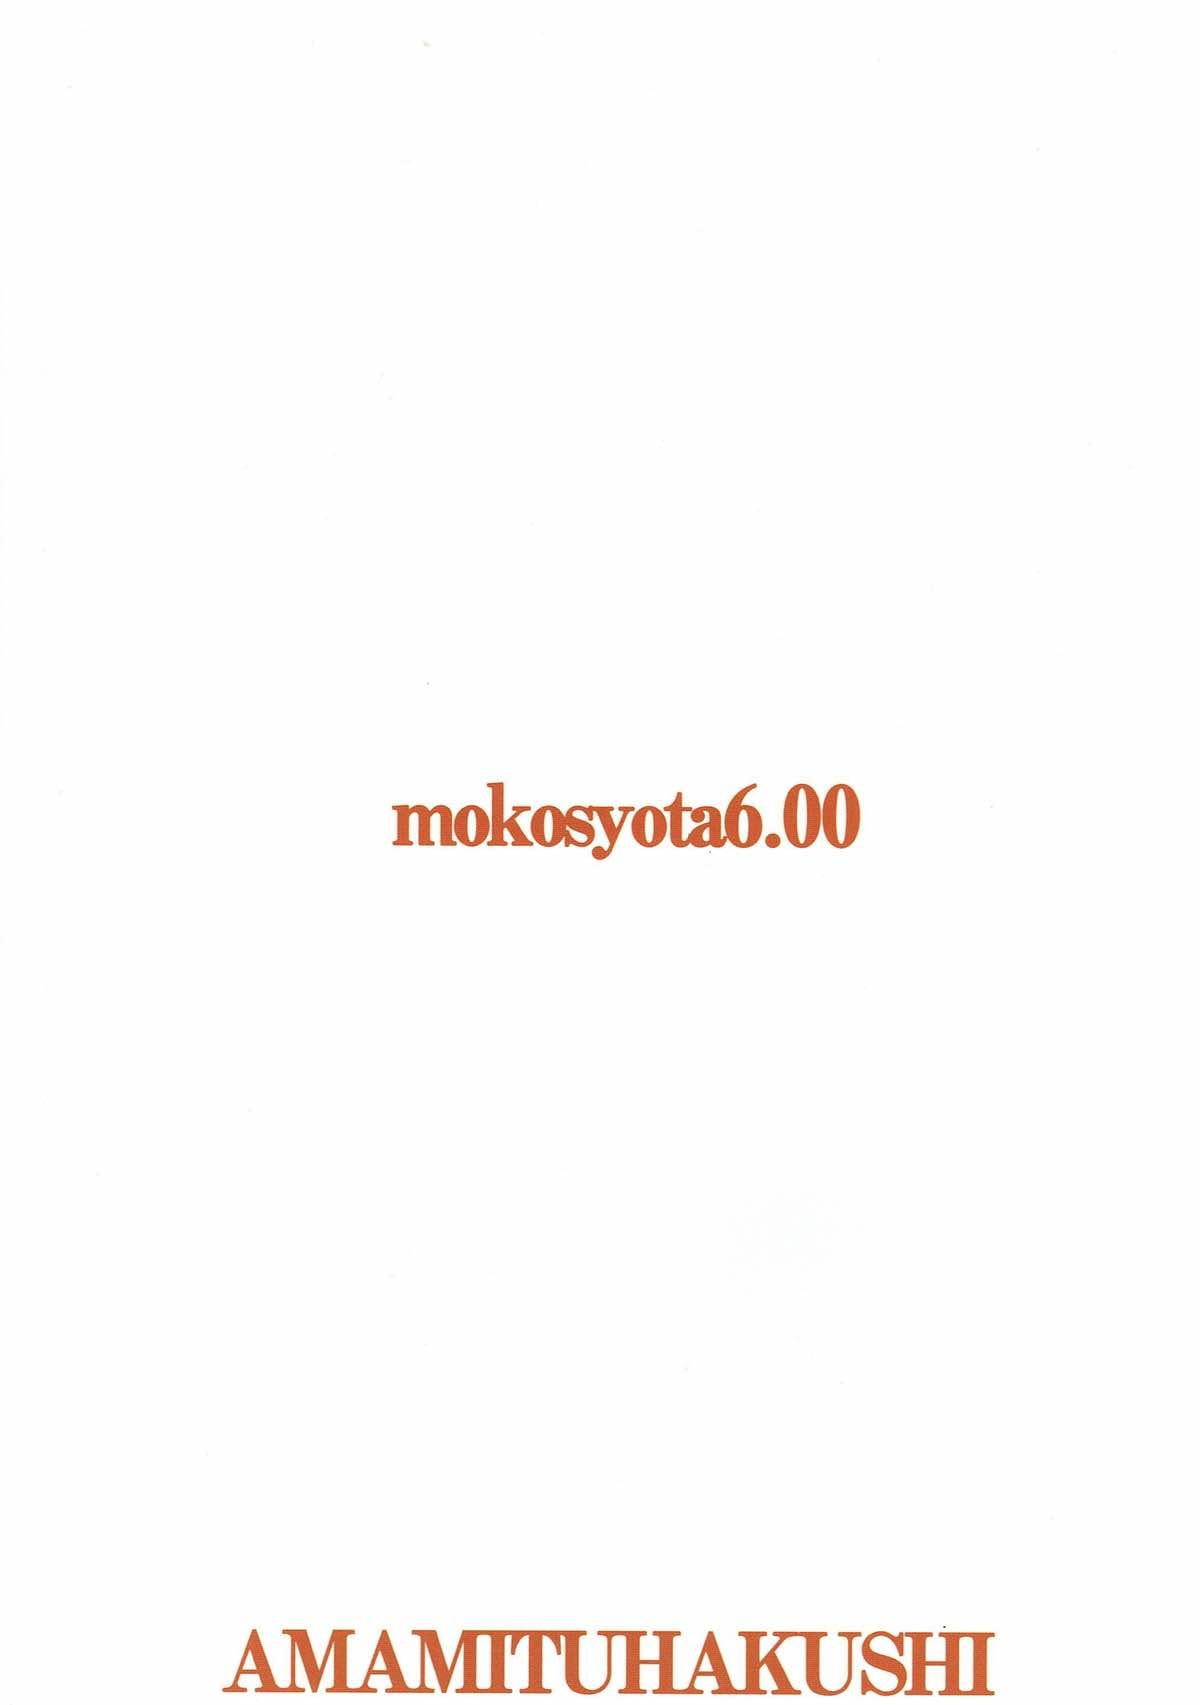 【東方 エロ漫画・エロ同人】妹紅がショタとよしよしおねショタセックスwwwwwwwwwwww (18)